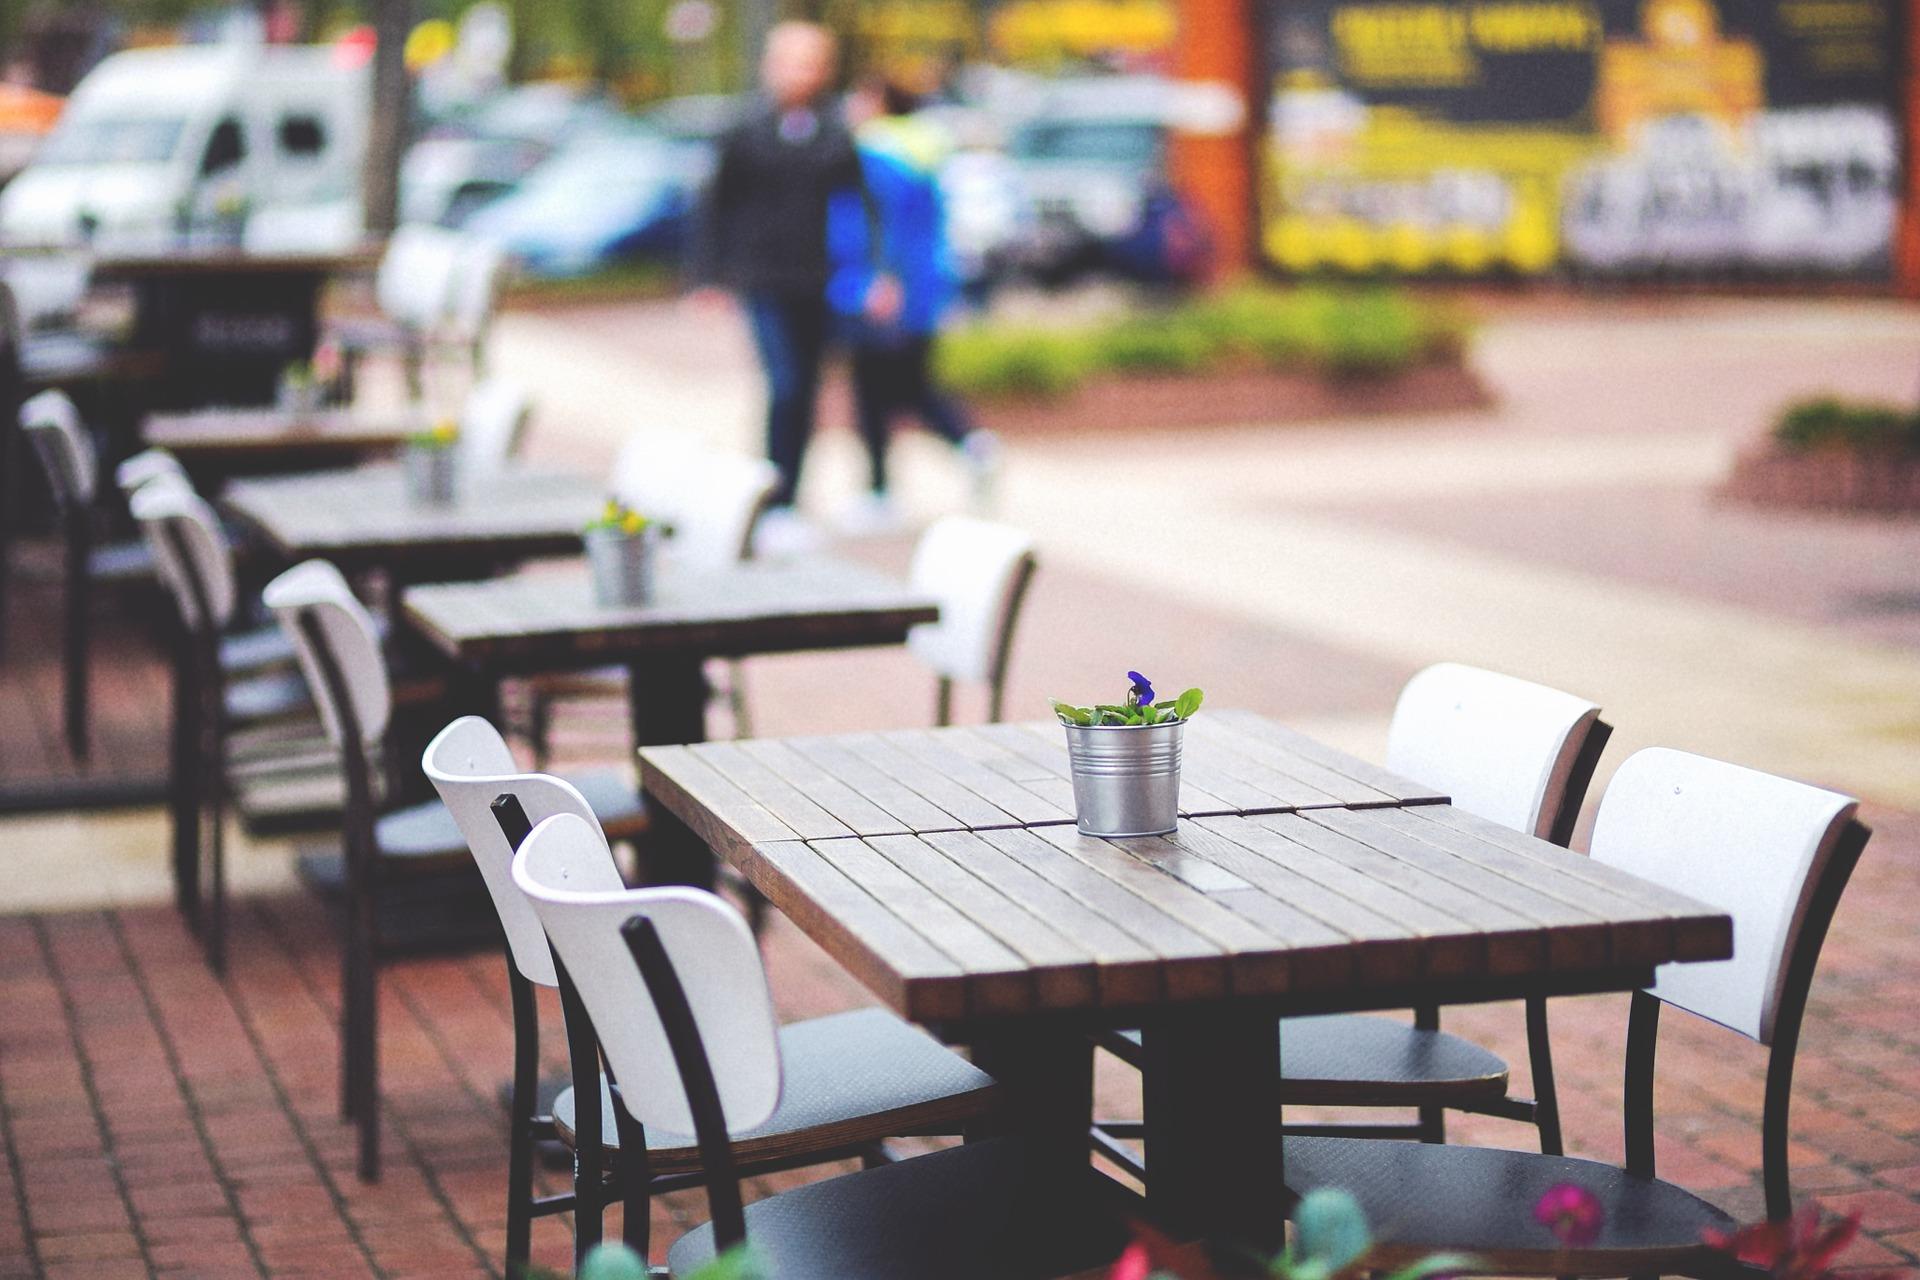 La hostelería de la Comunidad de Madrid continúa una semana más con los grupos máximos de 6 personas en terraza y 4 en interior - La Viña